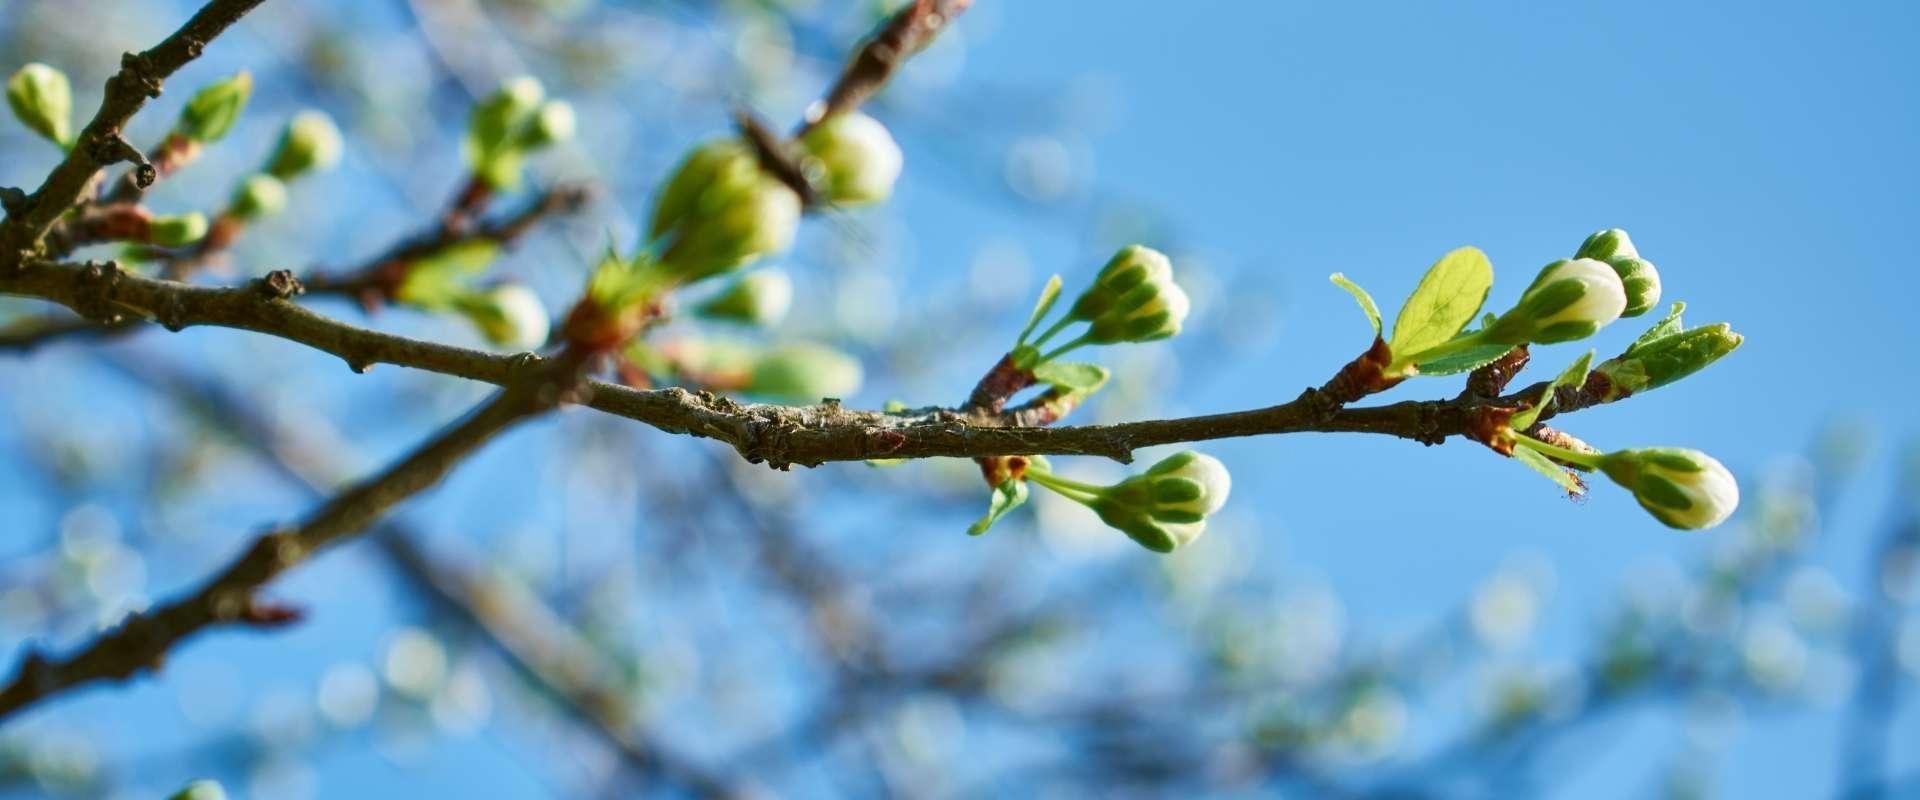 Voorjaar in aantocht!